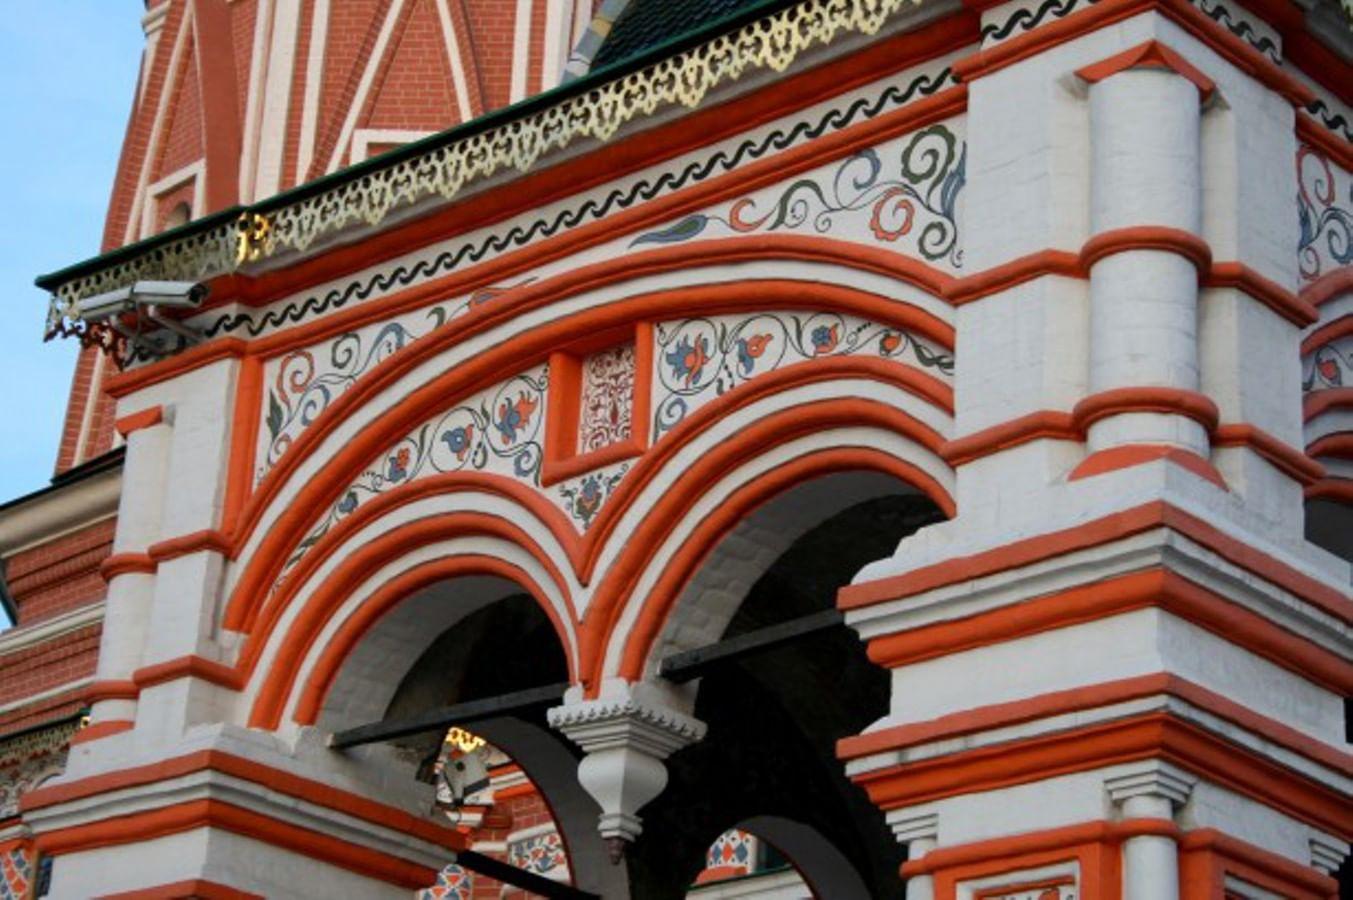 Собор Василия Блаженного, Собор Покрова Пресвятой Богородицы, что на Рву в Москве